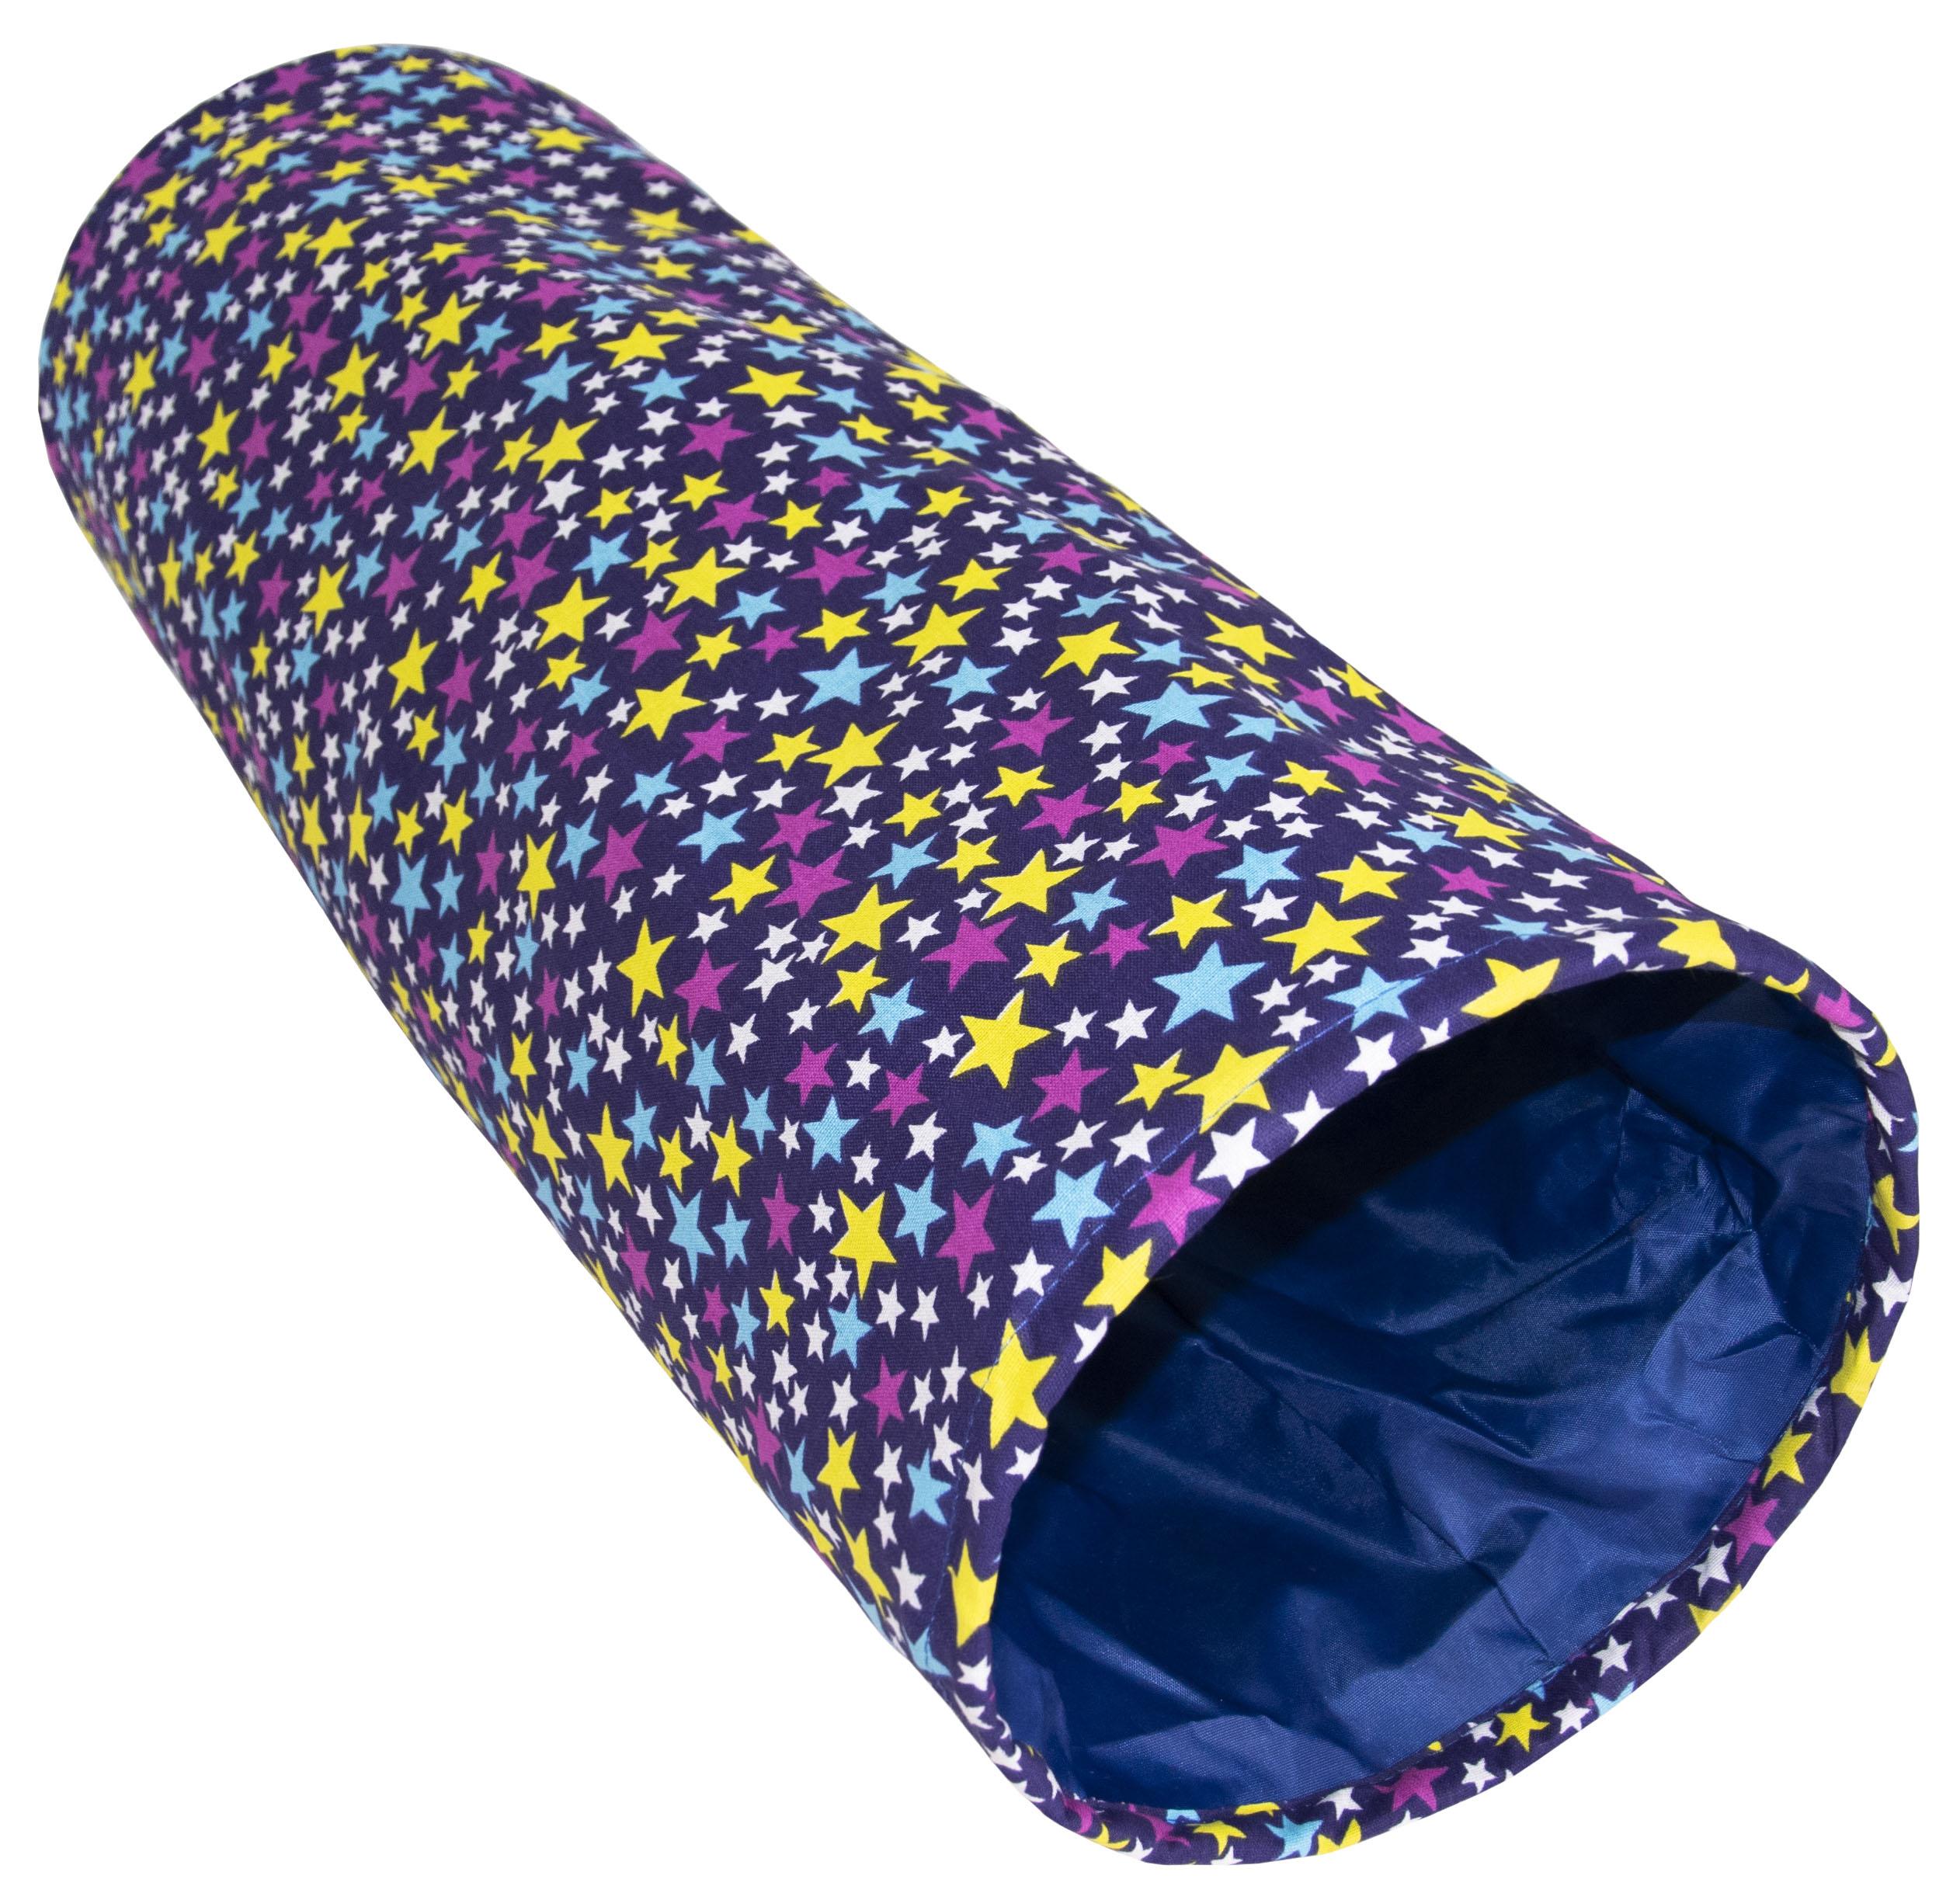 Тоннель для кошек Великий Кот Звездочка, с шуршащим элементом, фиолетовый, 22х22х65см